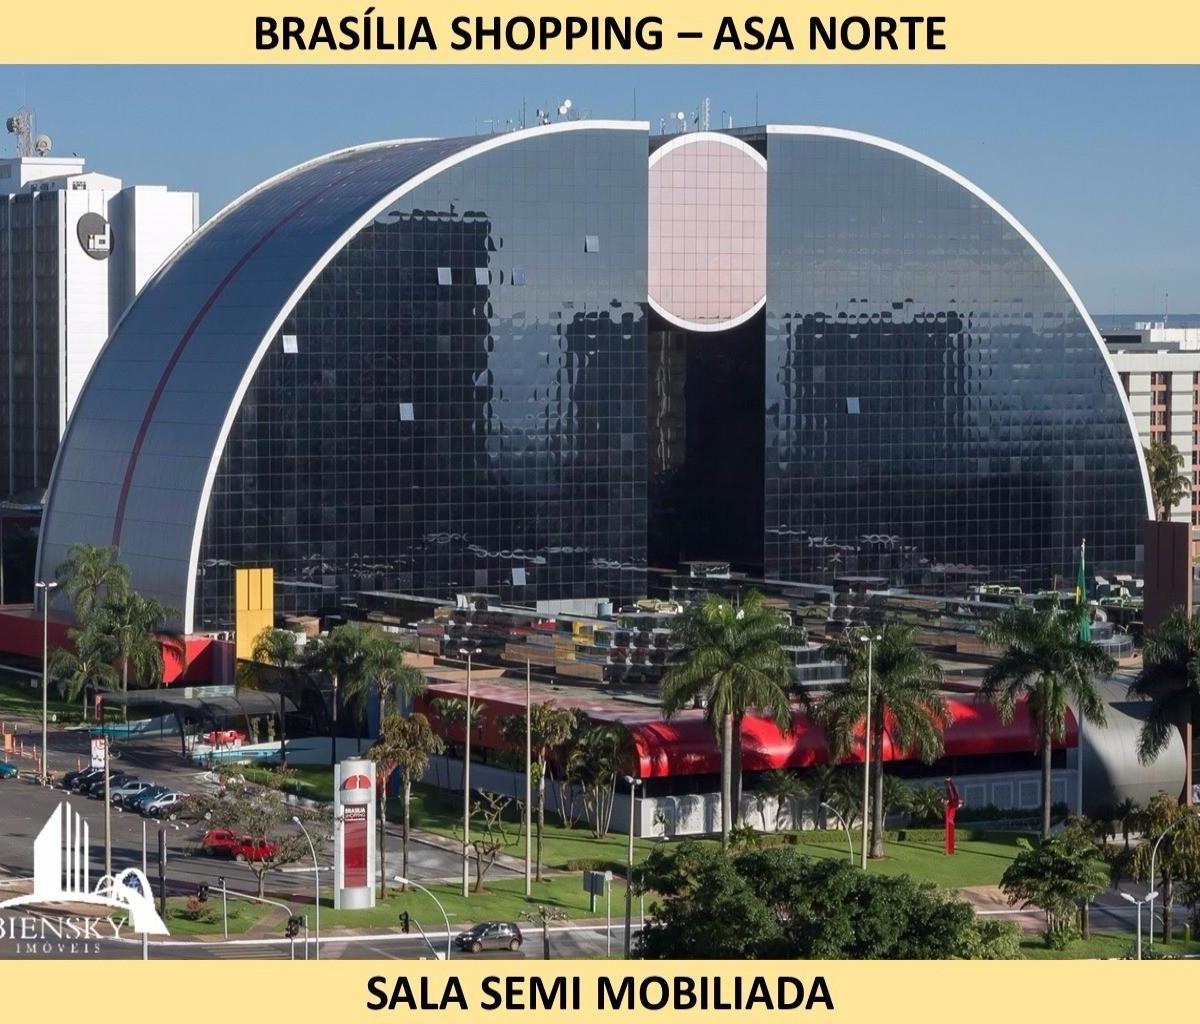 Imagens de #C29809 Comercial para aluguel com 0 Asa Norte Brasília R$ 1.600 ID  1200x1024 px 3560 Blindex Banheiro Asa Norte